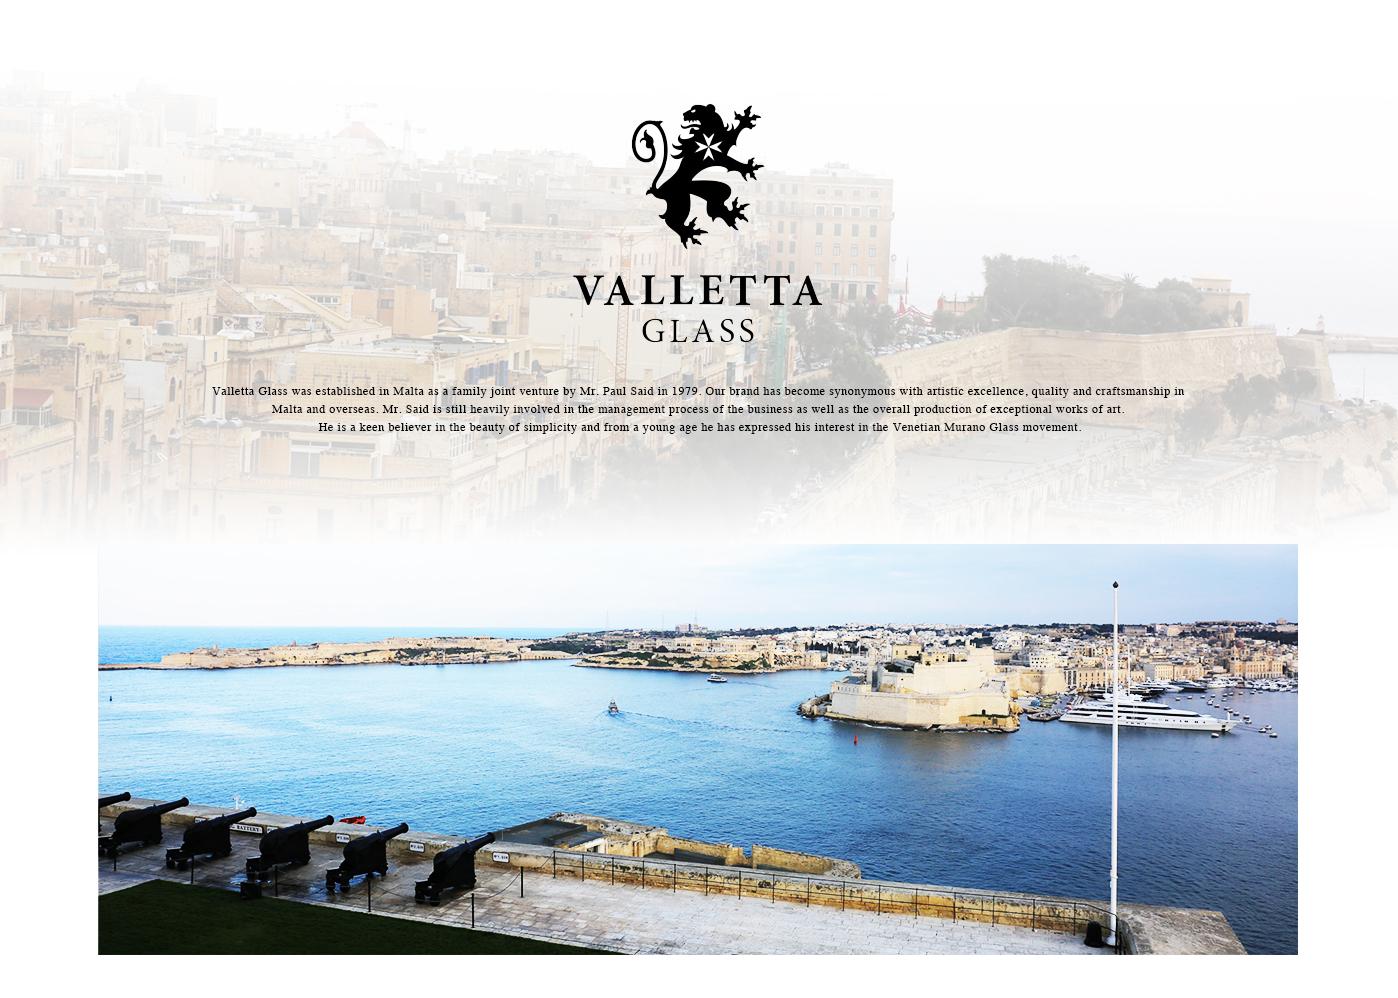 〜『Upper Barracca Gardens』〜地中海の真ん中に浮かぶ島、マルタの街並みの眺、心地よい潮風の中、青い海を船が行き交い、何とも美しい風景